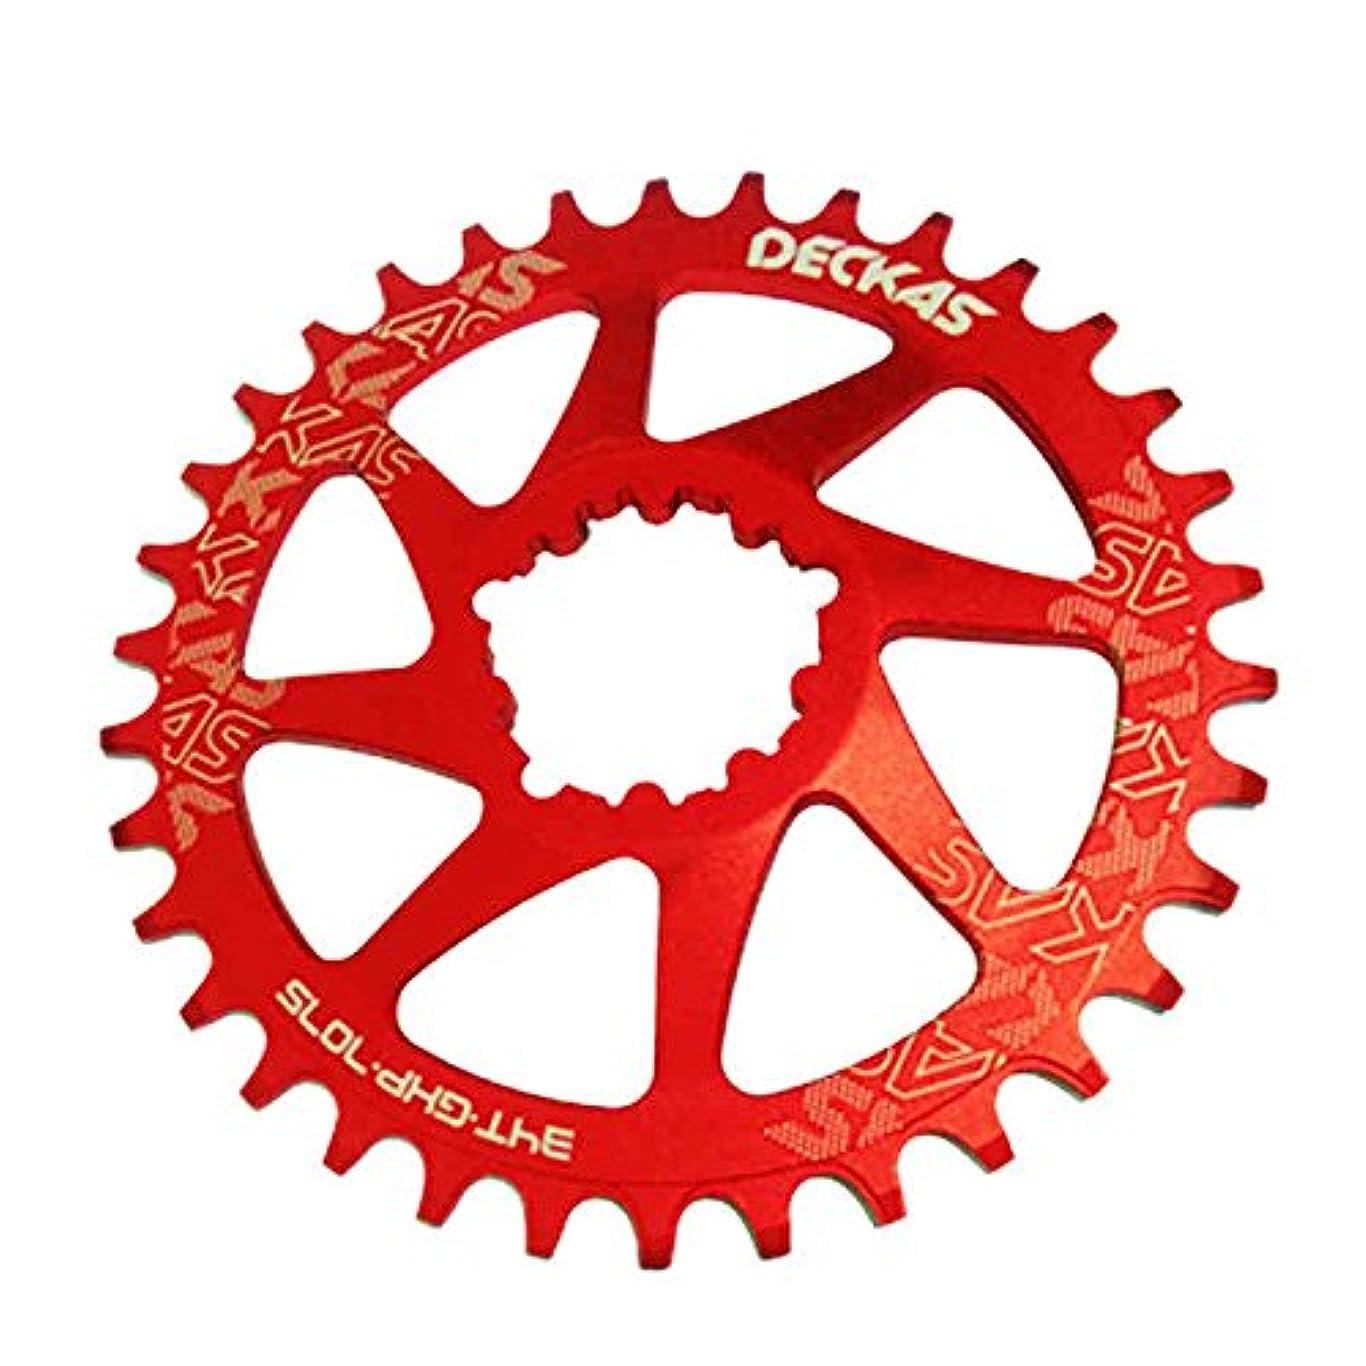 教育リズム動的Propenary - GXP bicycle crankset Al 7075 CNC32T 34T Narrow Wide Chainring Chainwheel for Sram XX1 XO1 X1 GX XO X9 crankset bicycle parts [ 36T Red ]